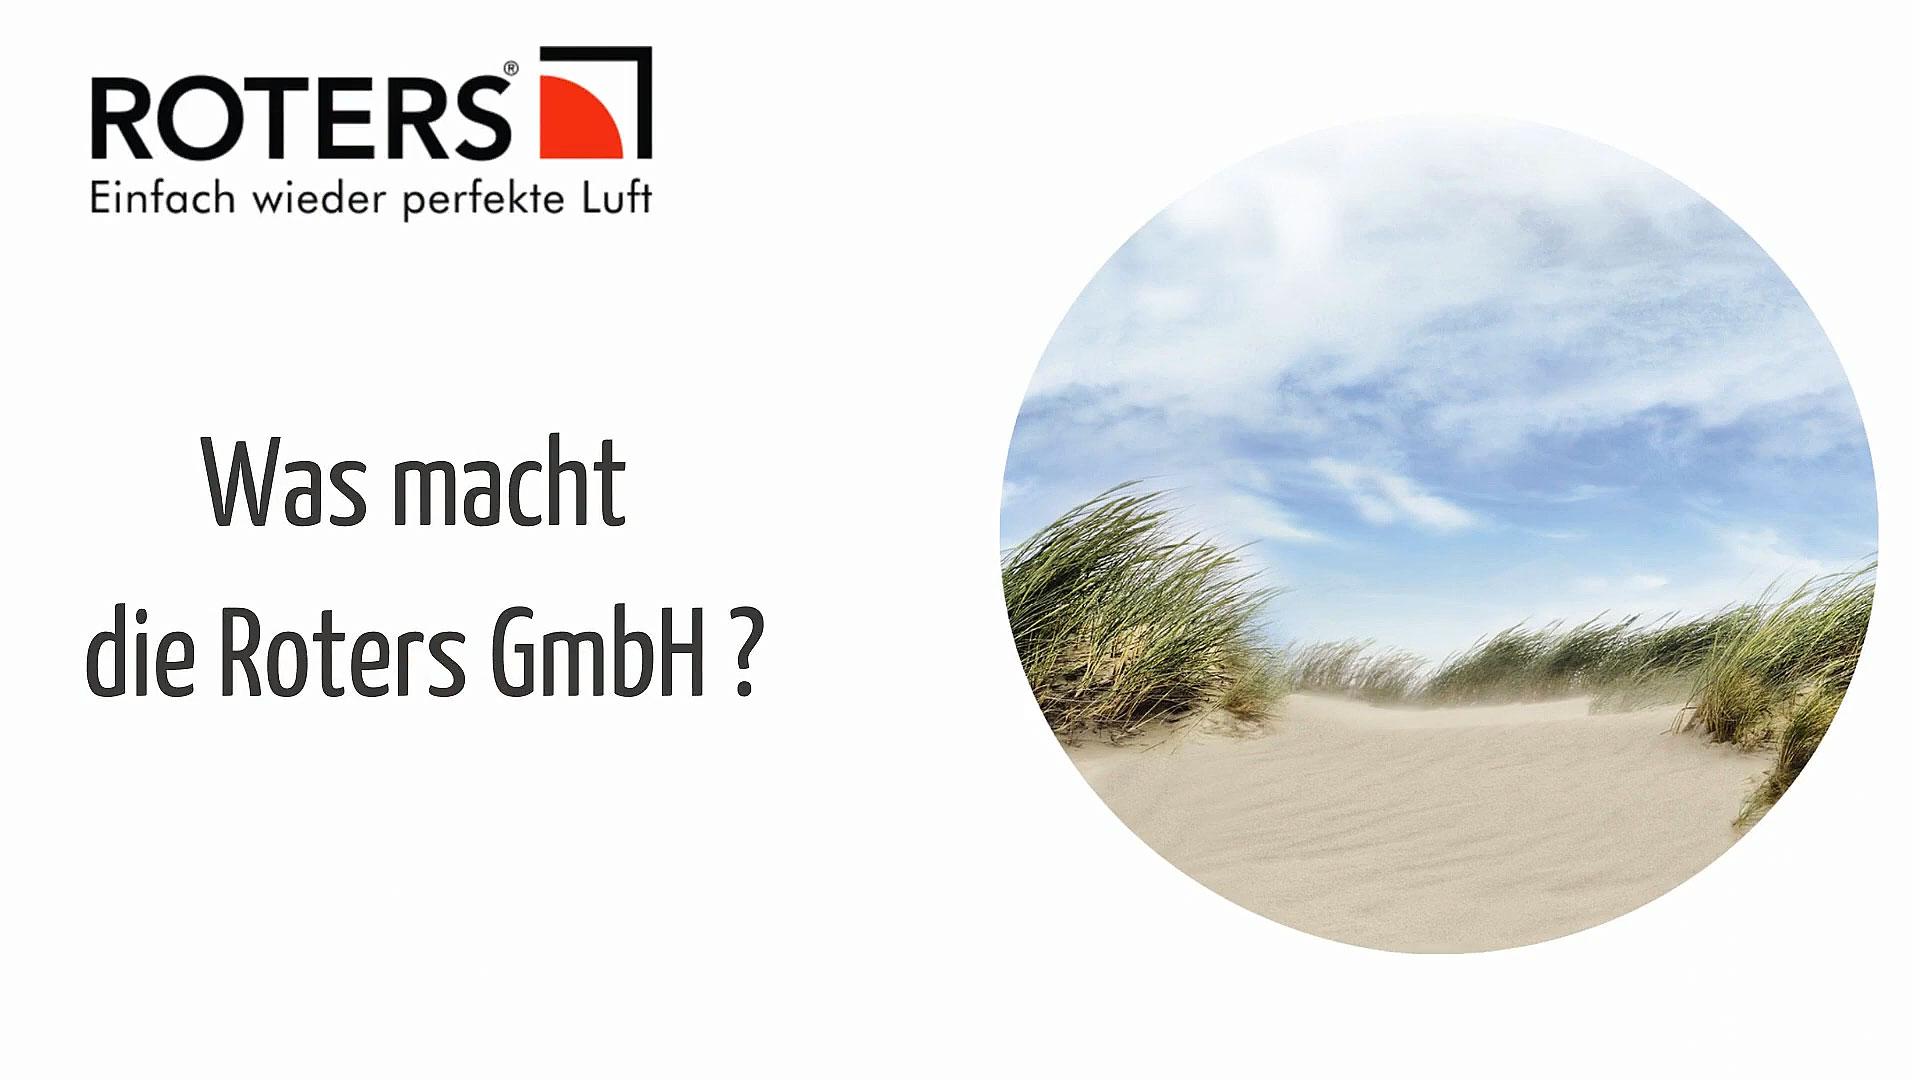 Vorschau - Was macht die ROTERS GmbH?